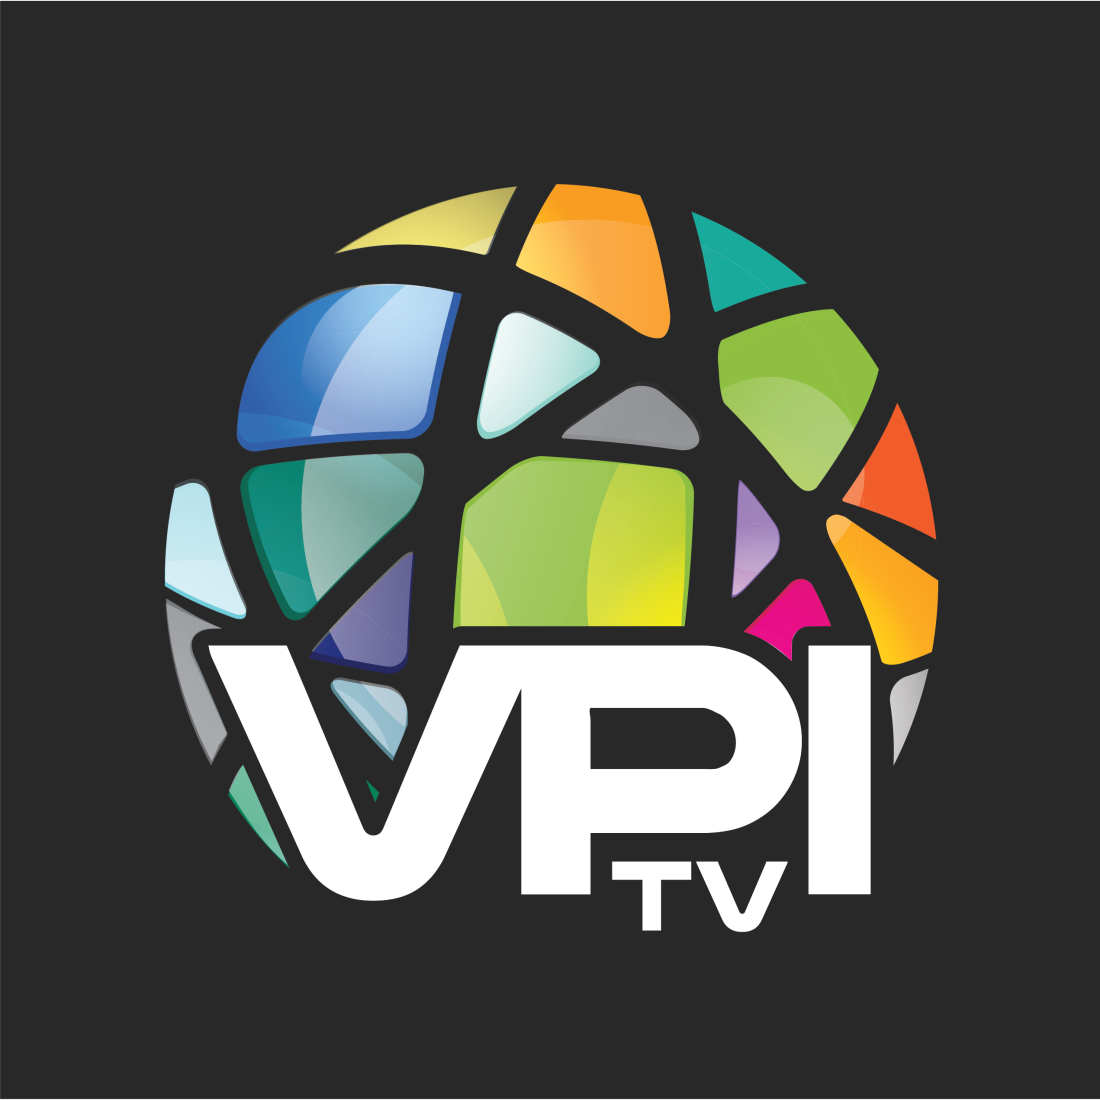 Logo_2018_VPItv-01